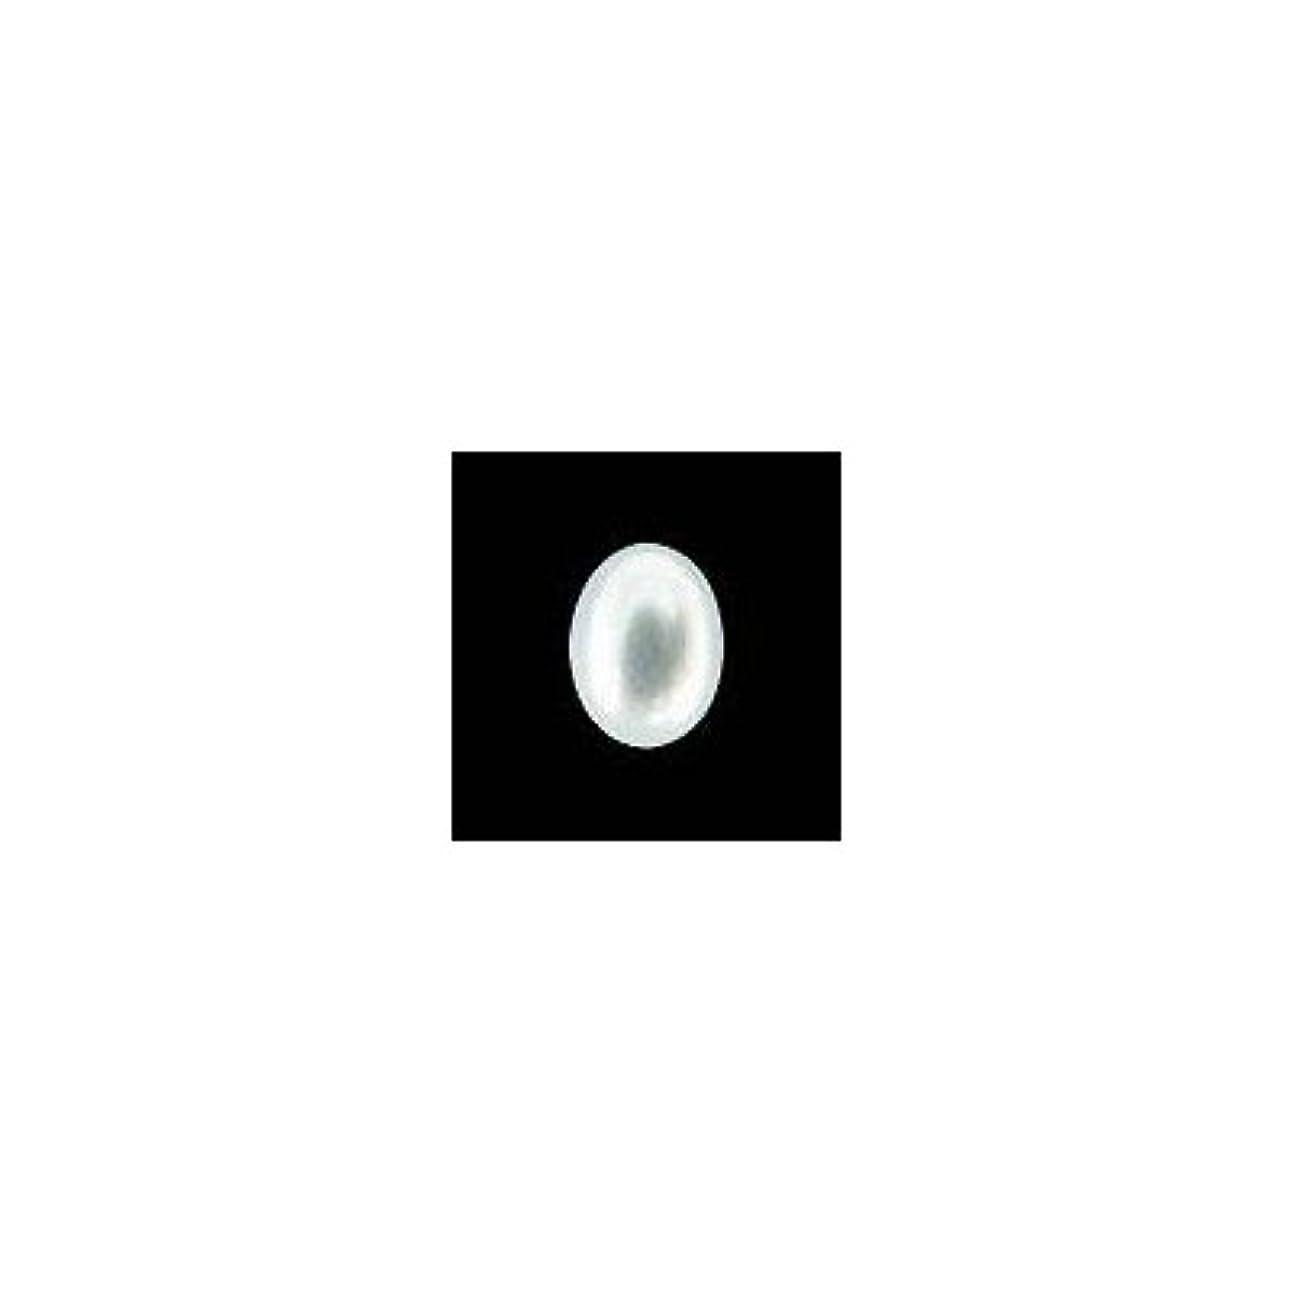 滑りやすい私の平均ピアドラ 大粒パール オーバル(7×5)24P